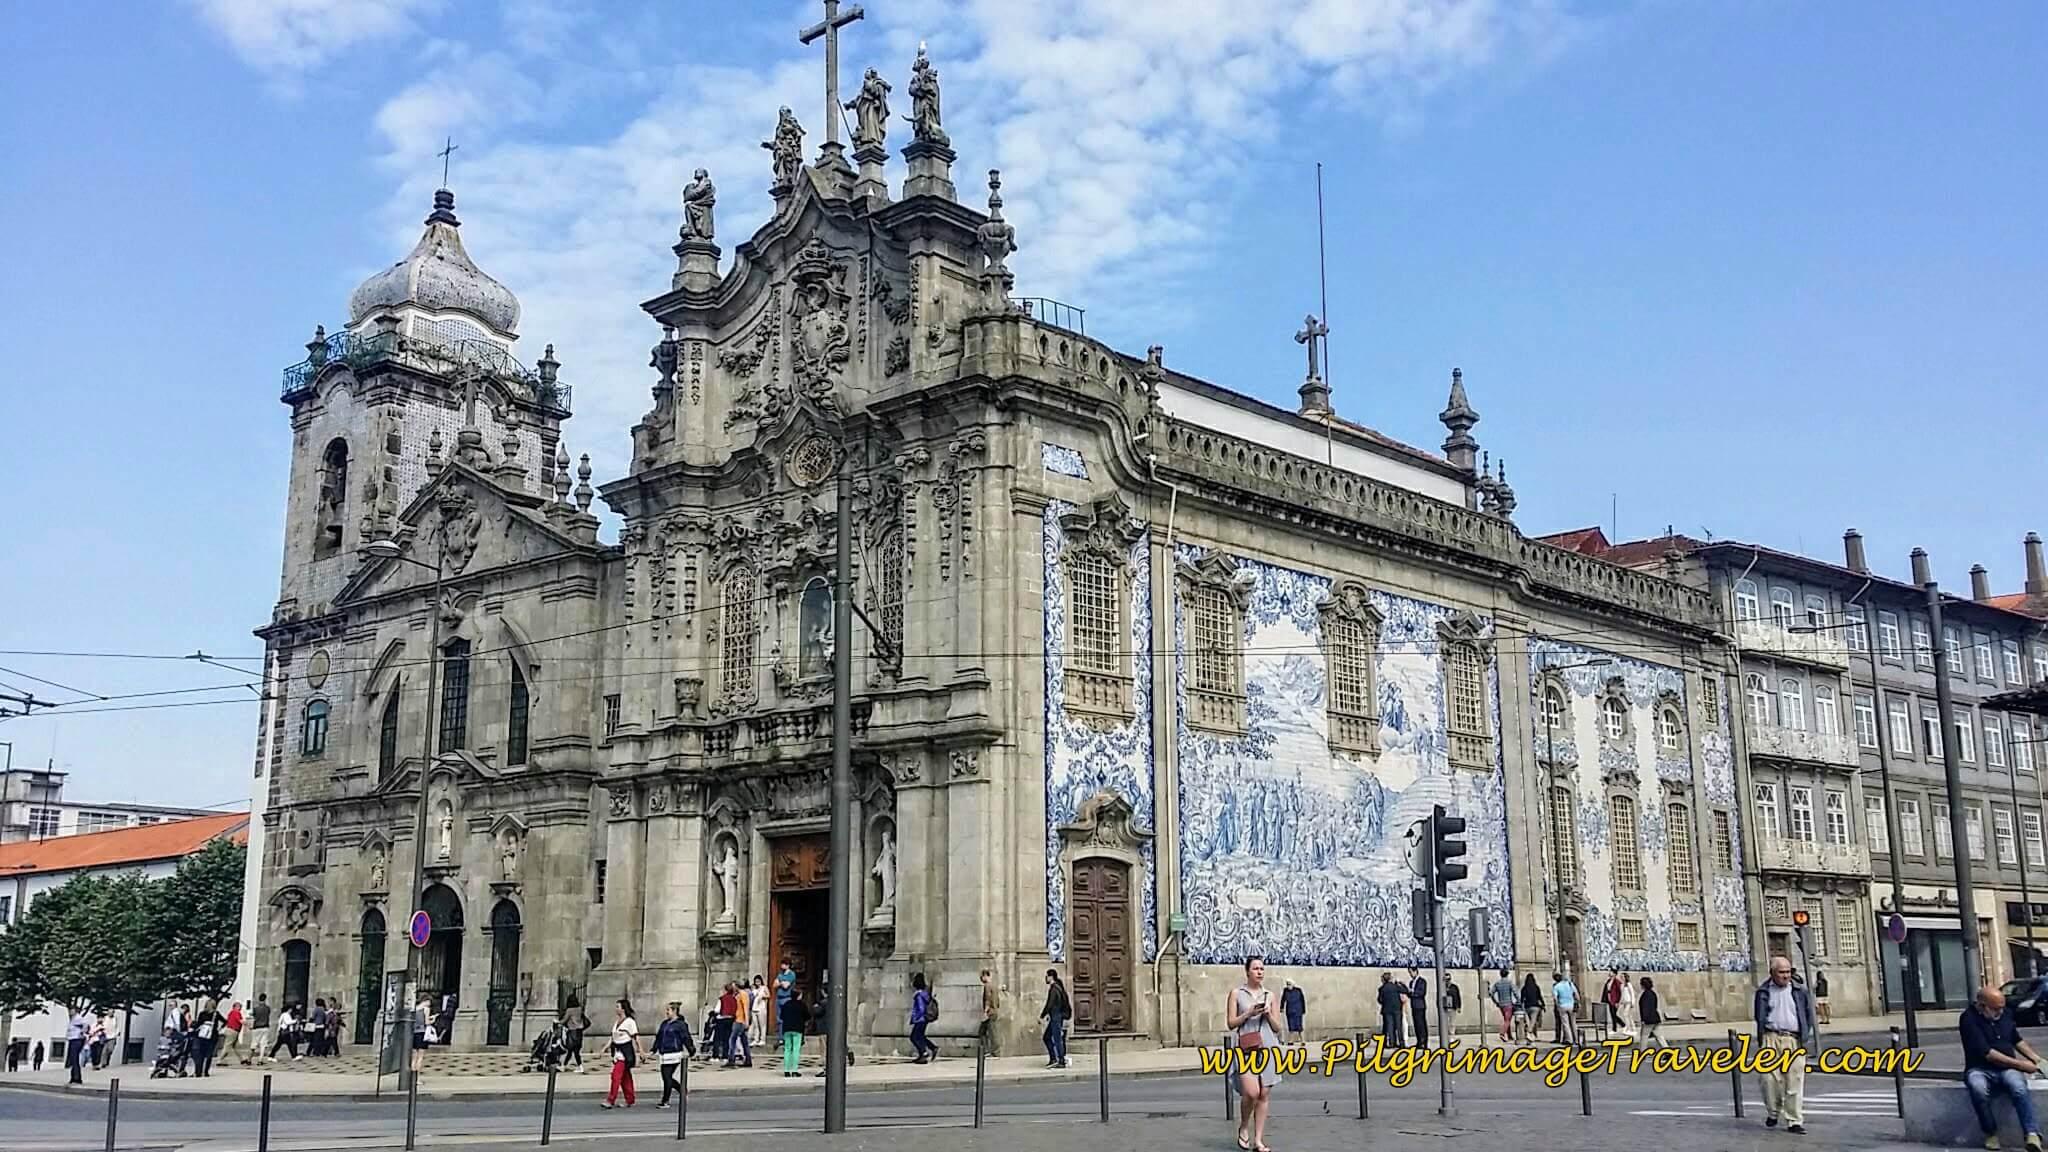 Igreja do Carmo and the Igreja dos Carmelitas in Porto, Portugal